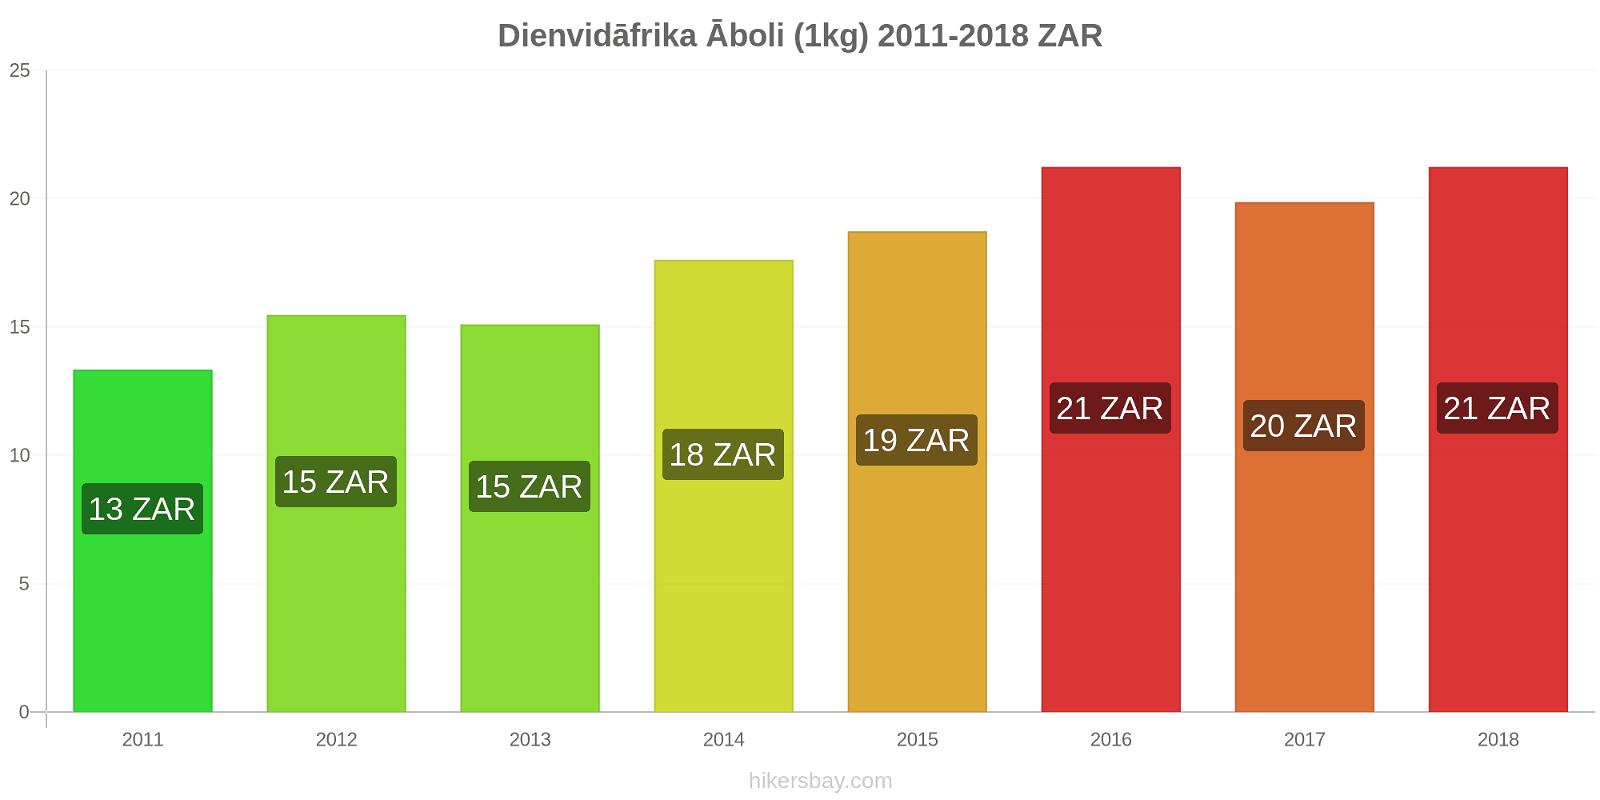 Dienvidāfrika cenu izmaiņas Āboli (1kg) hikersbay.com